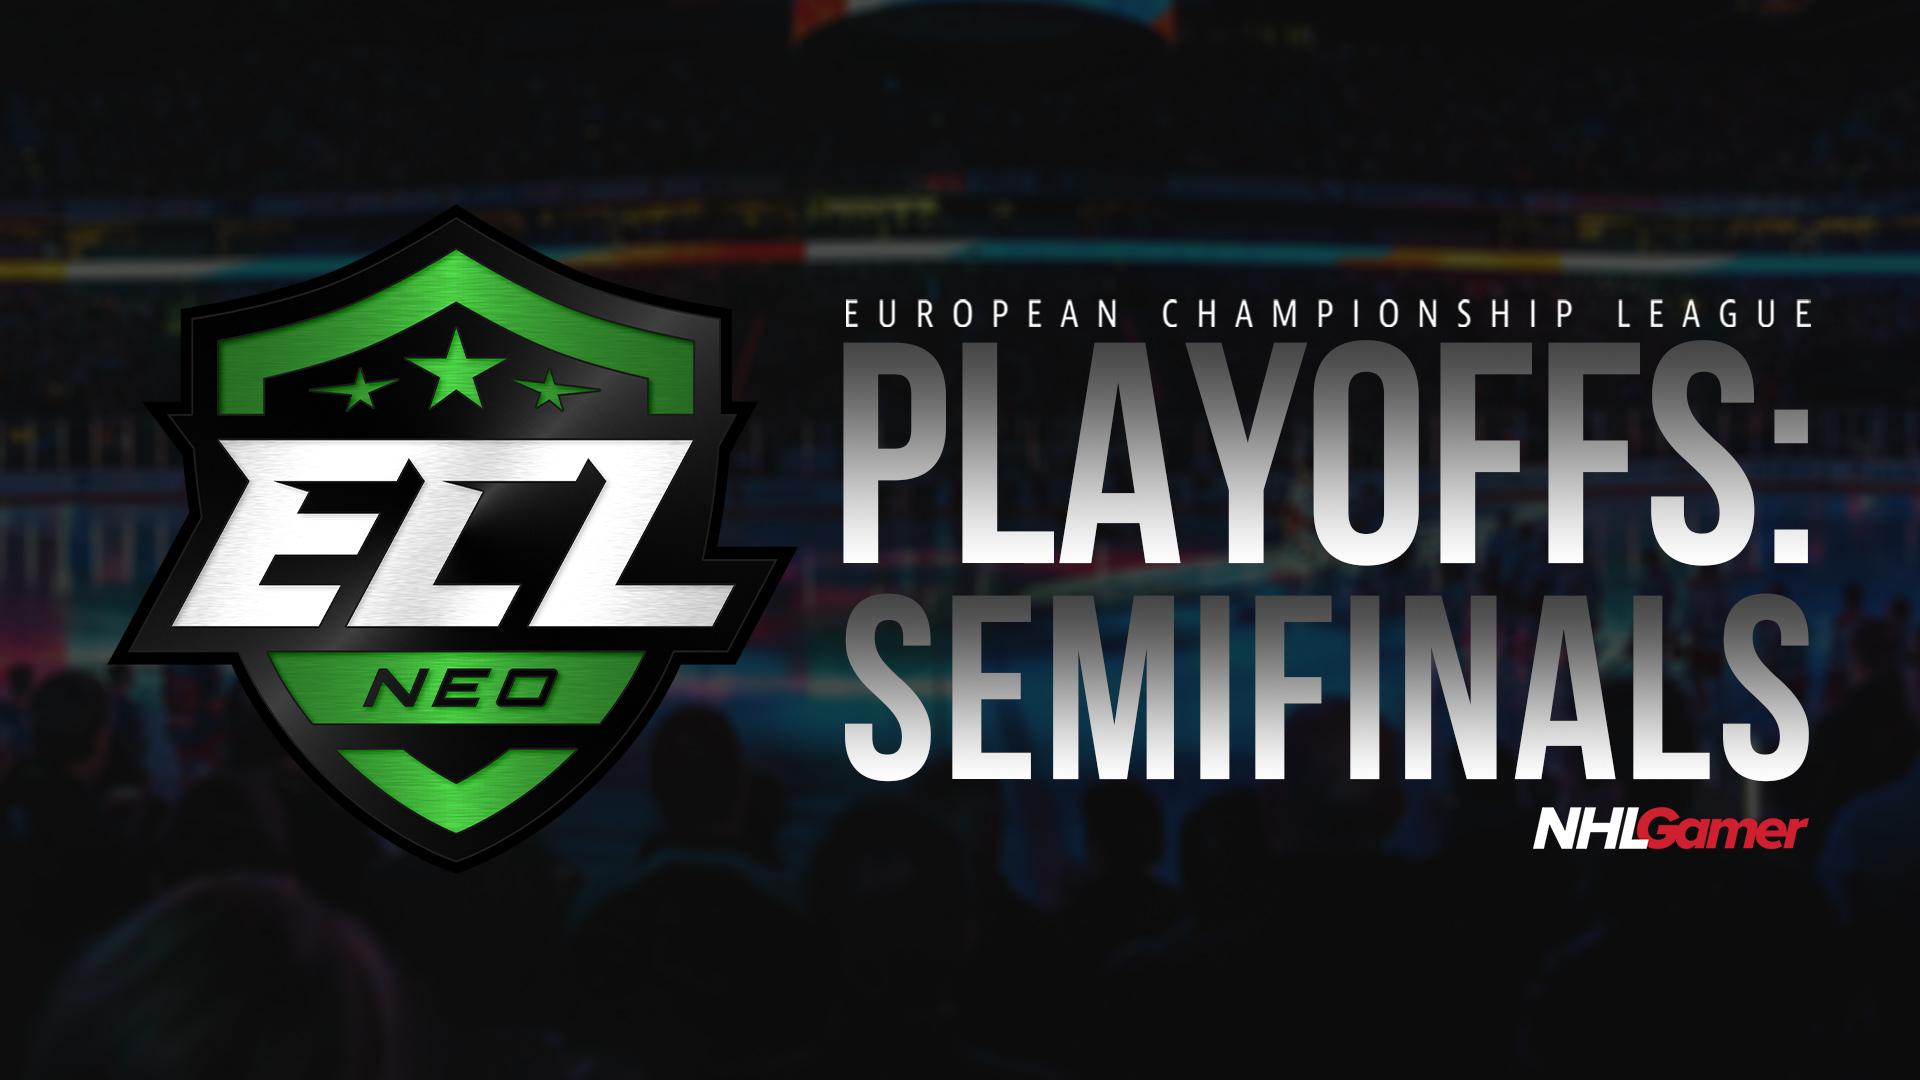 ECL_Neo_Semifinals.jpg